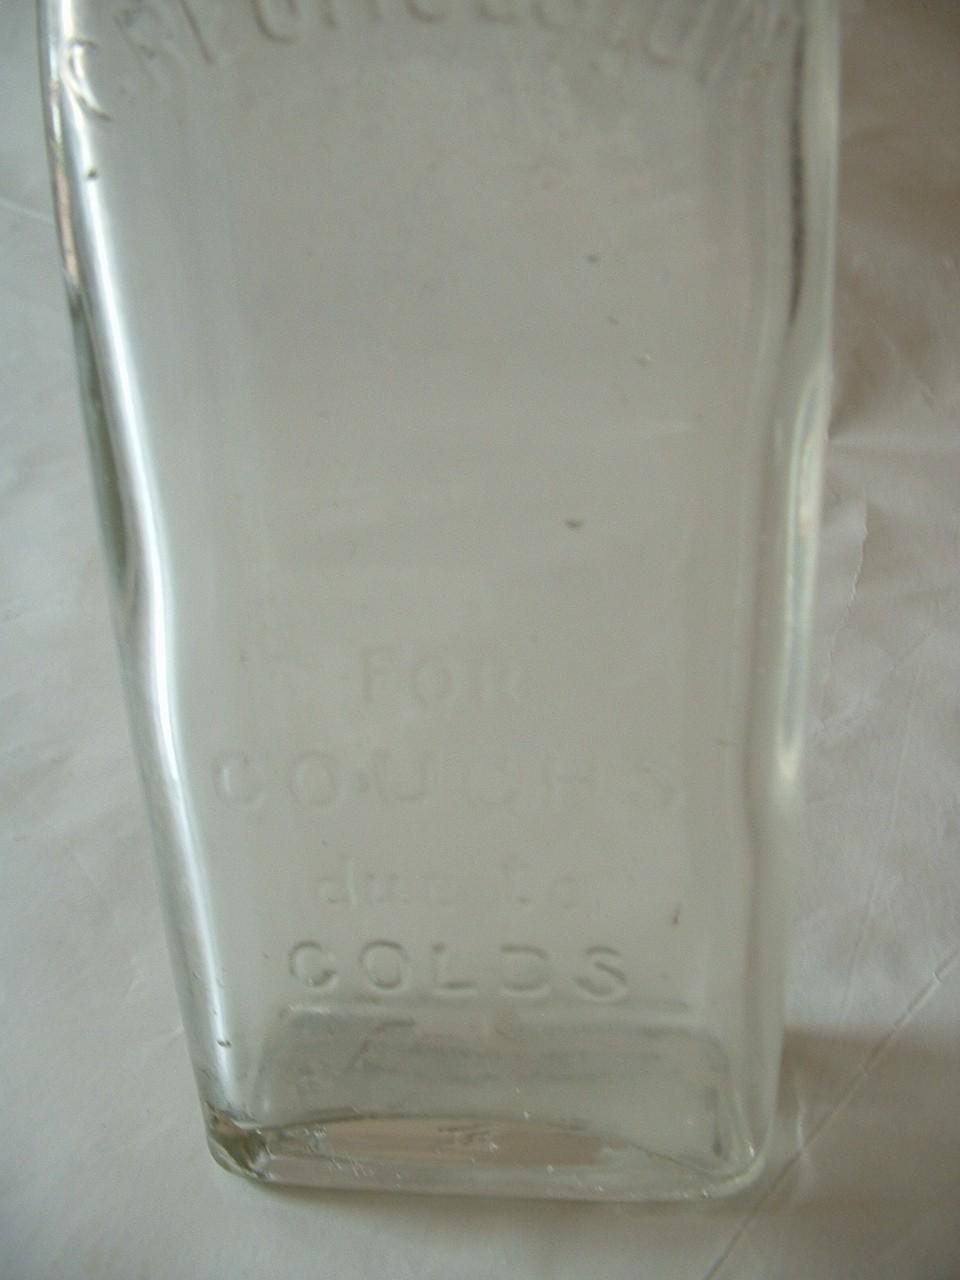 Vintage Creomulsion Cough Medicine Bottle